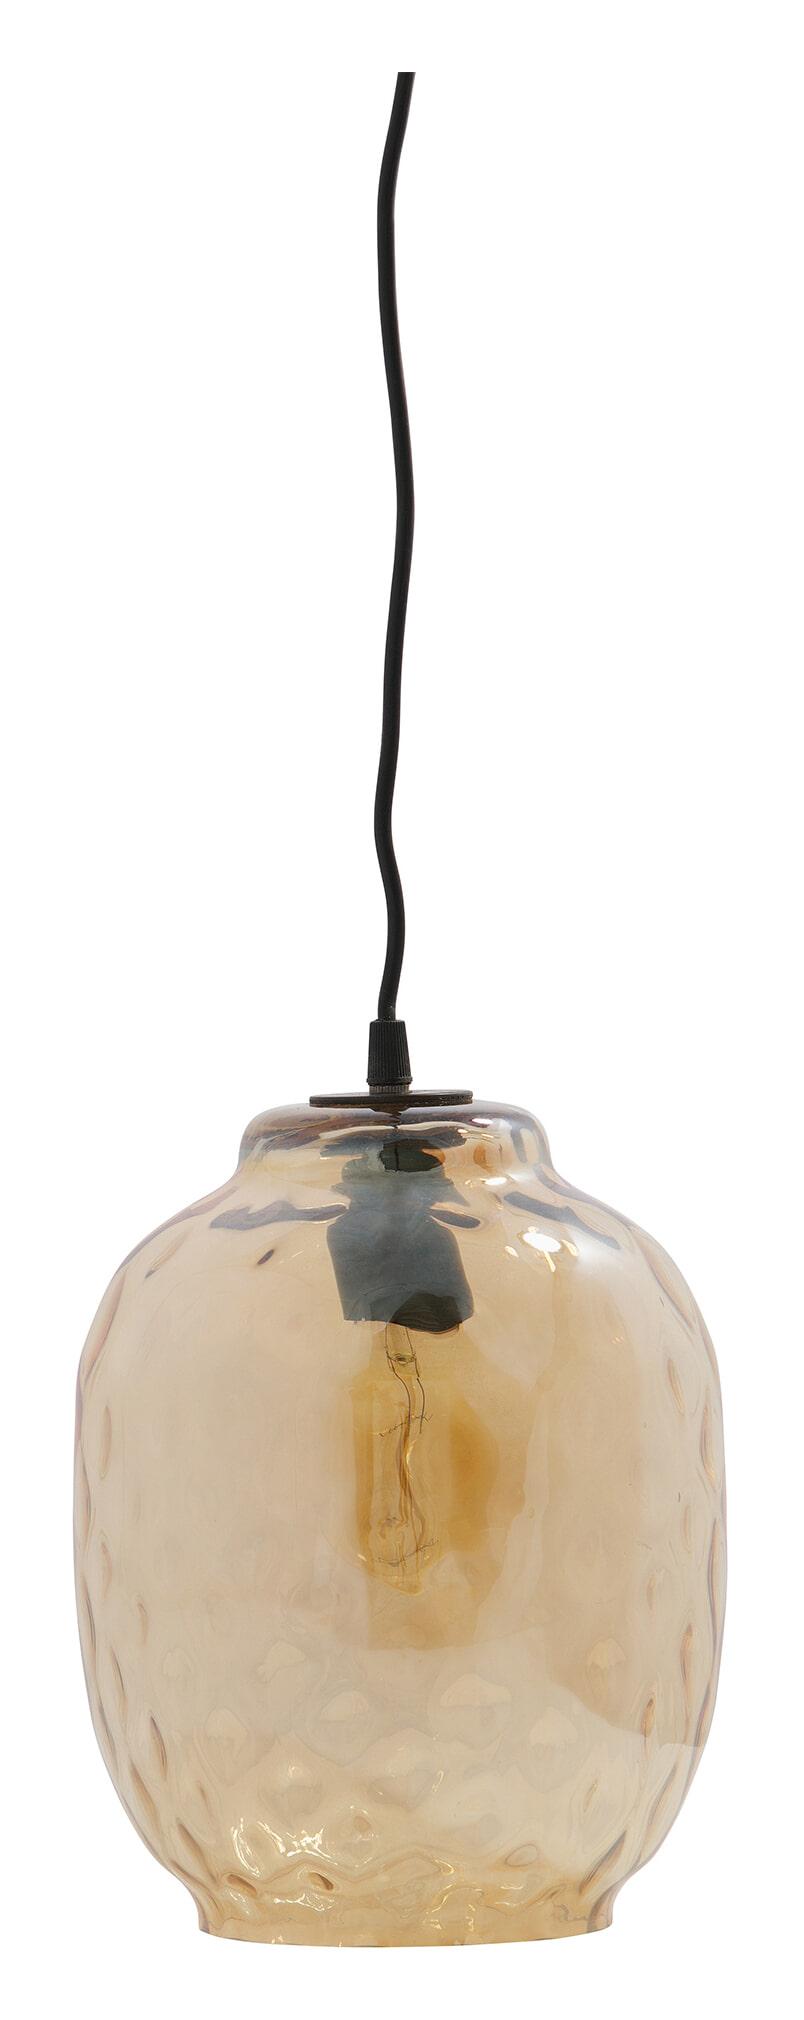 BePureHome Hanglamp 'Bubble', kleur Antique Brass Glas aanschaffen? Kijk hier!